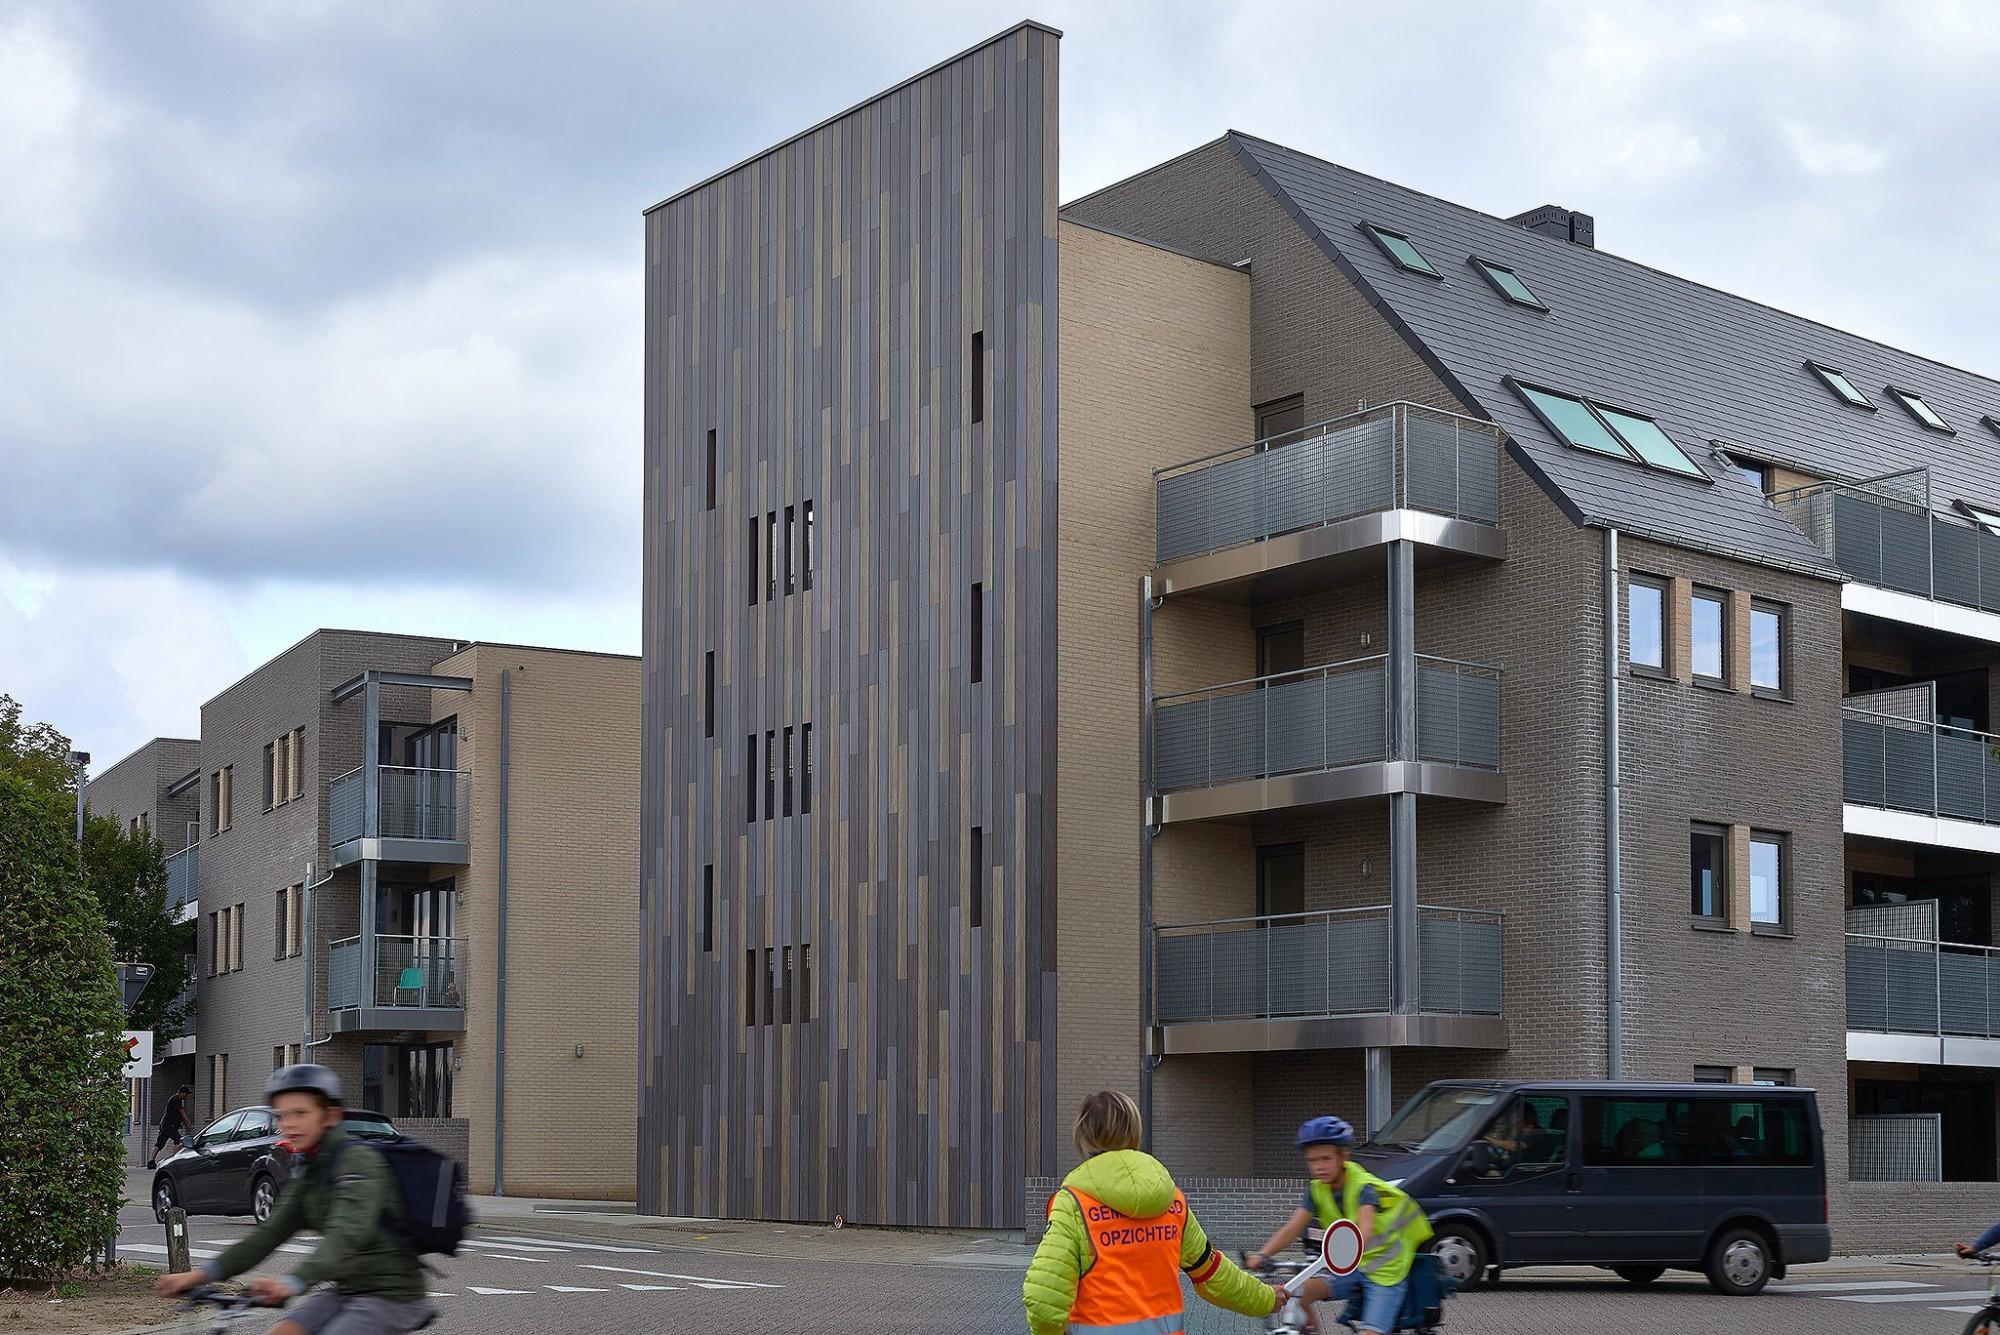 Afbeelding: Fotografie architectuur sociale appartementen, Putte Beerzel,© Architectenatelier Verwilt-Cautreels bvba, voor DCA.